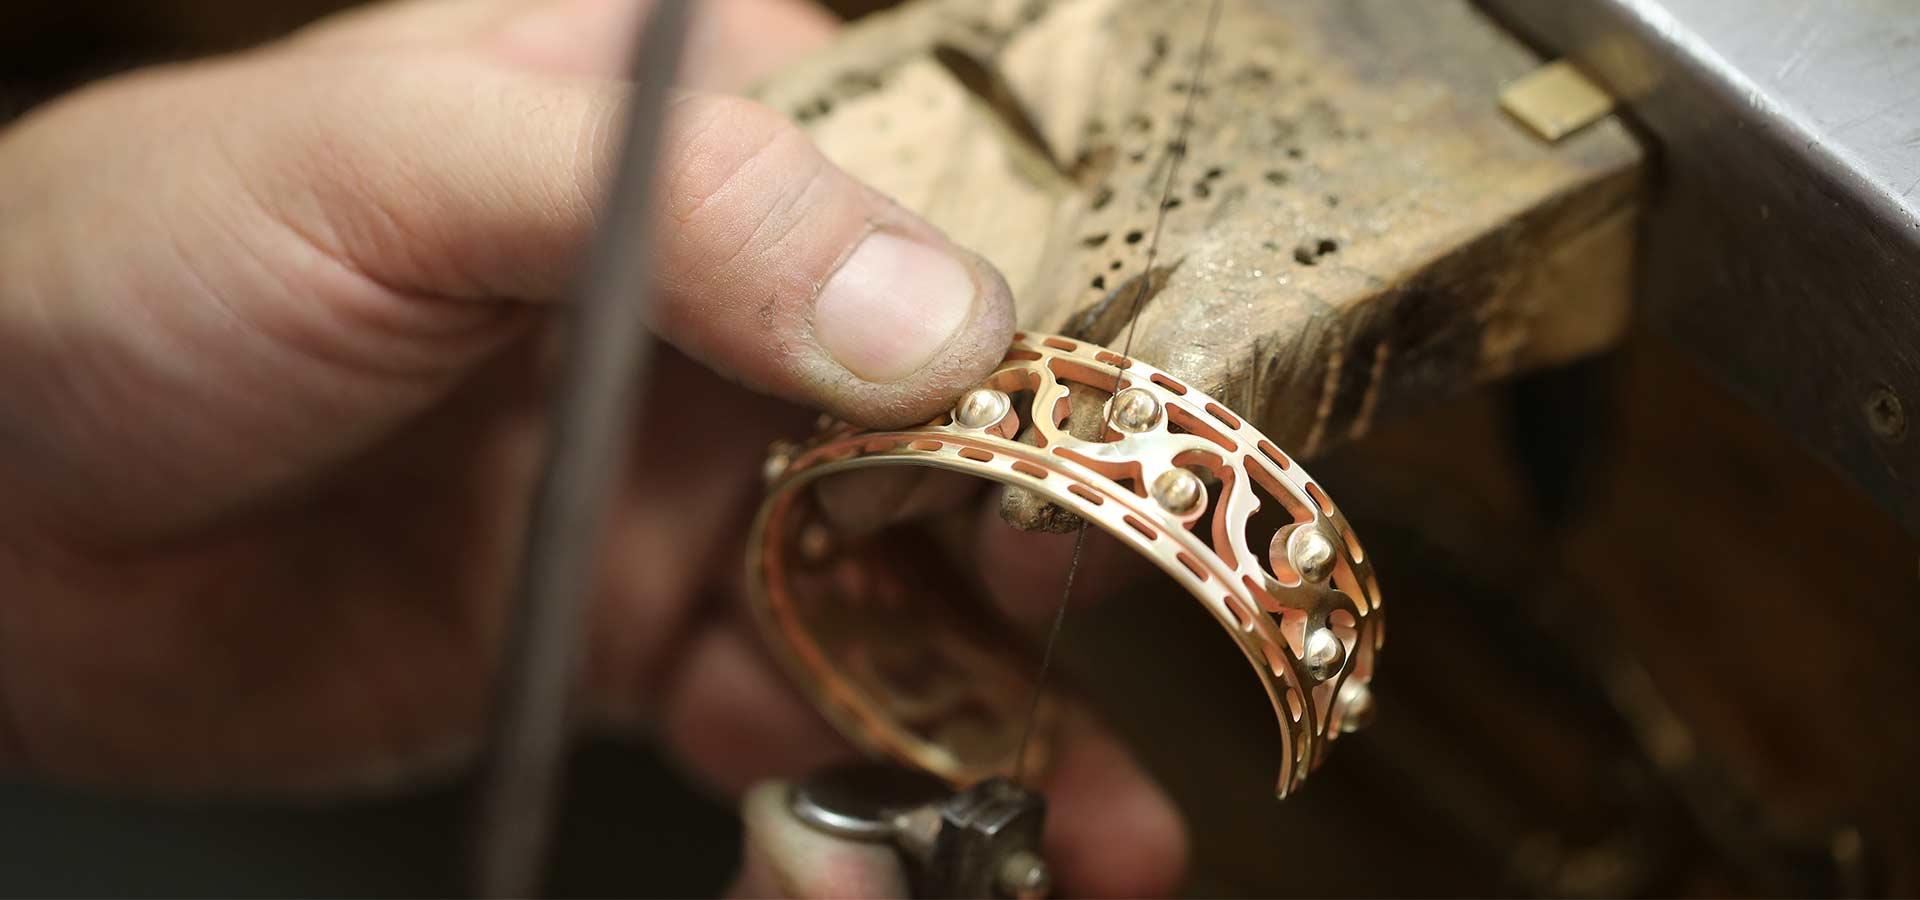 Fabricantes de bisutería para empresas de moda y lujo